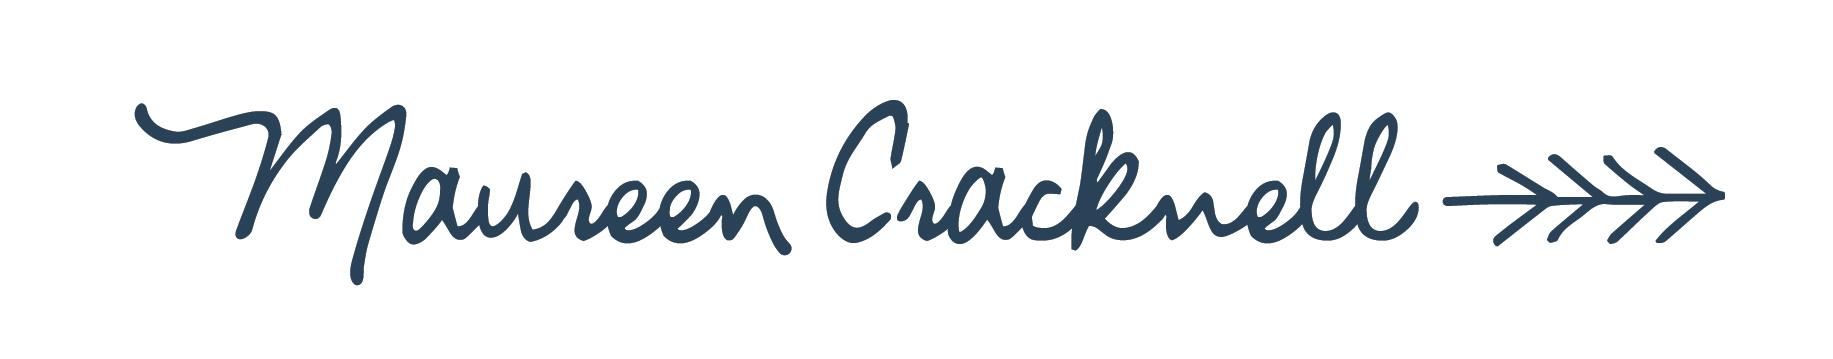 maureenCracknell_logo 2-01.jpg